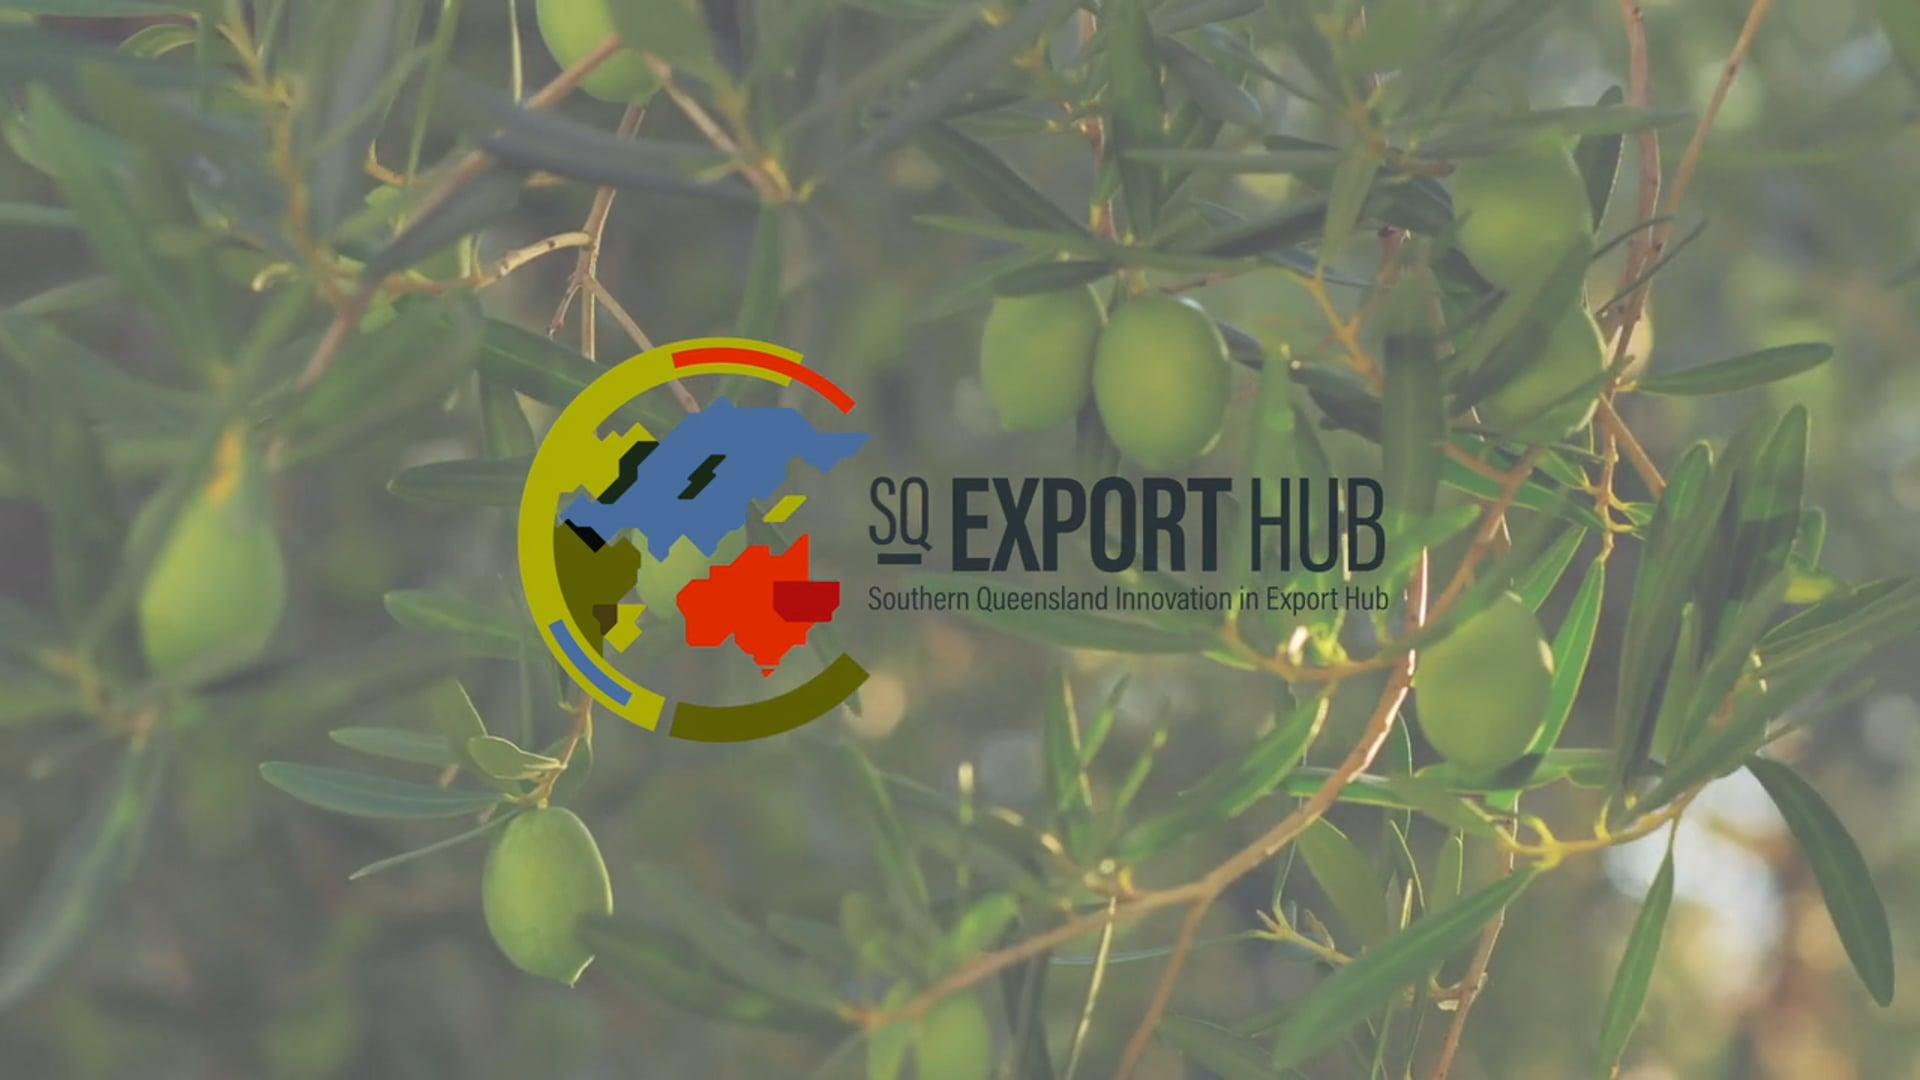 SQ Export Hub